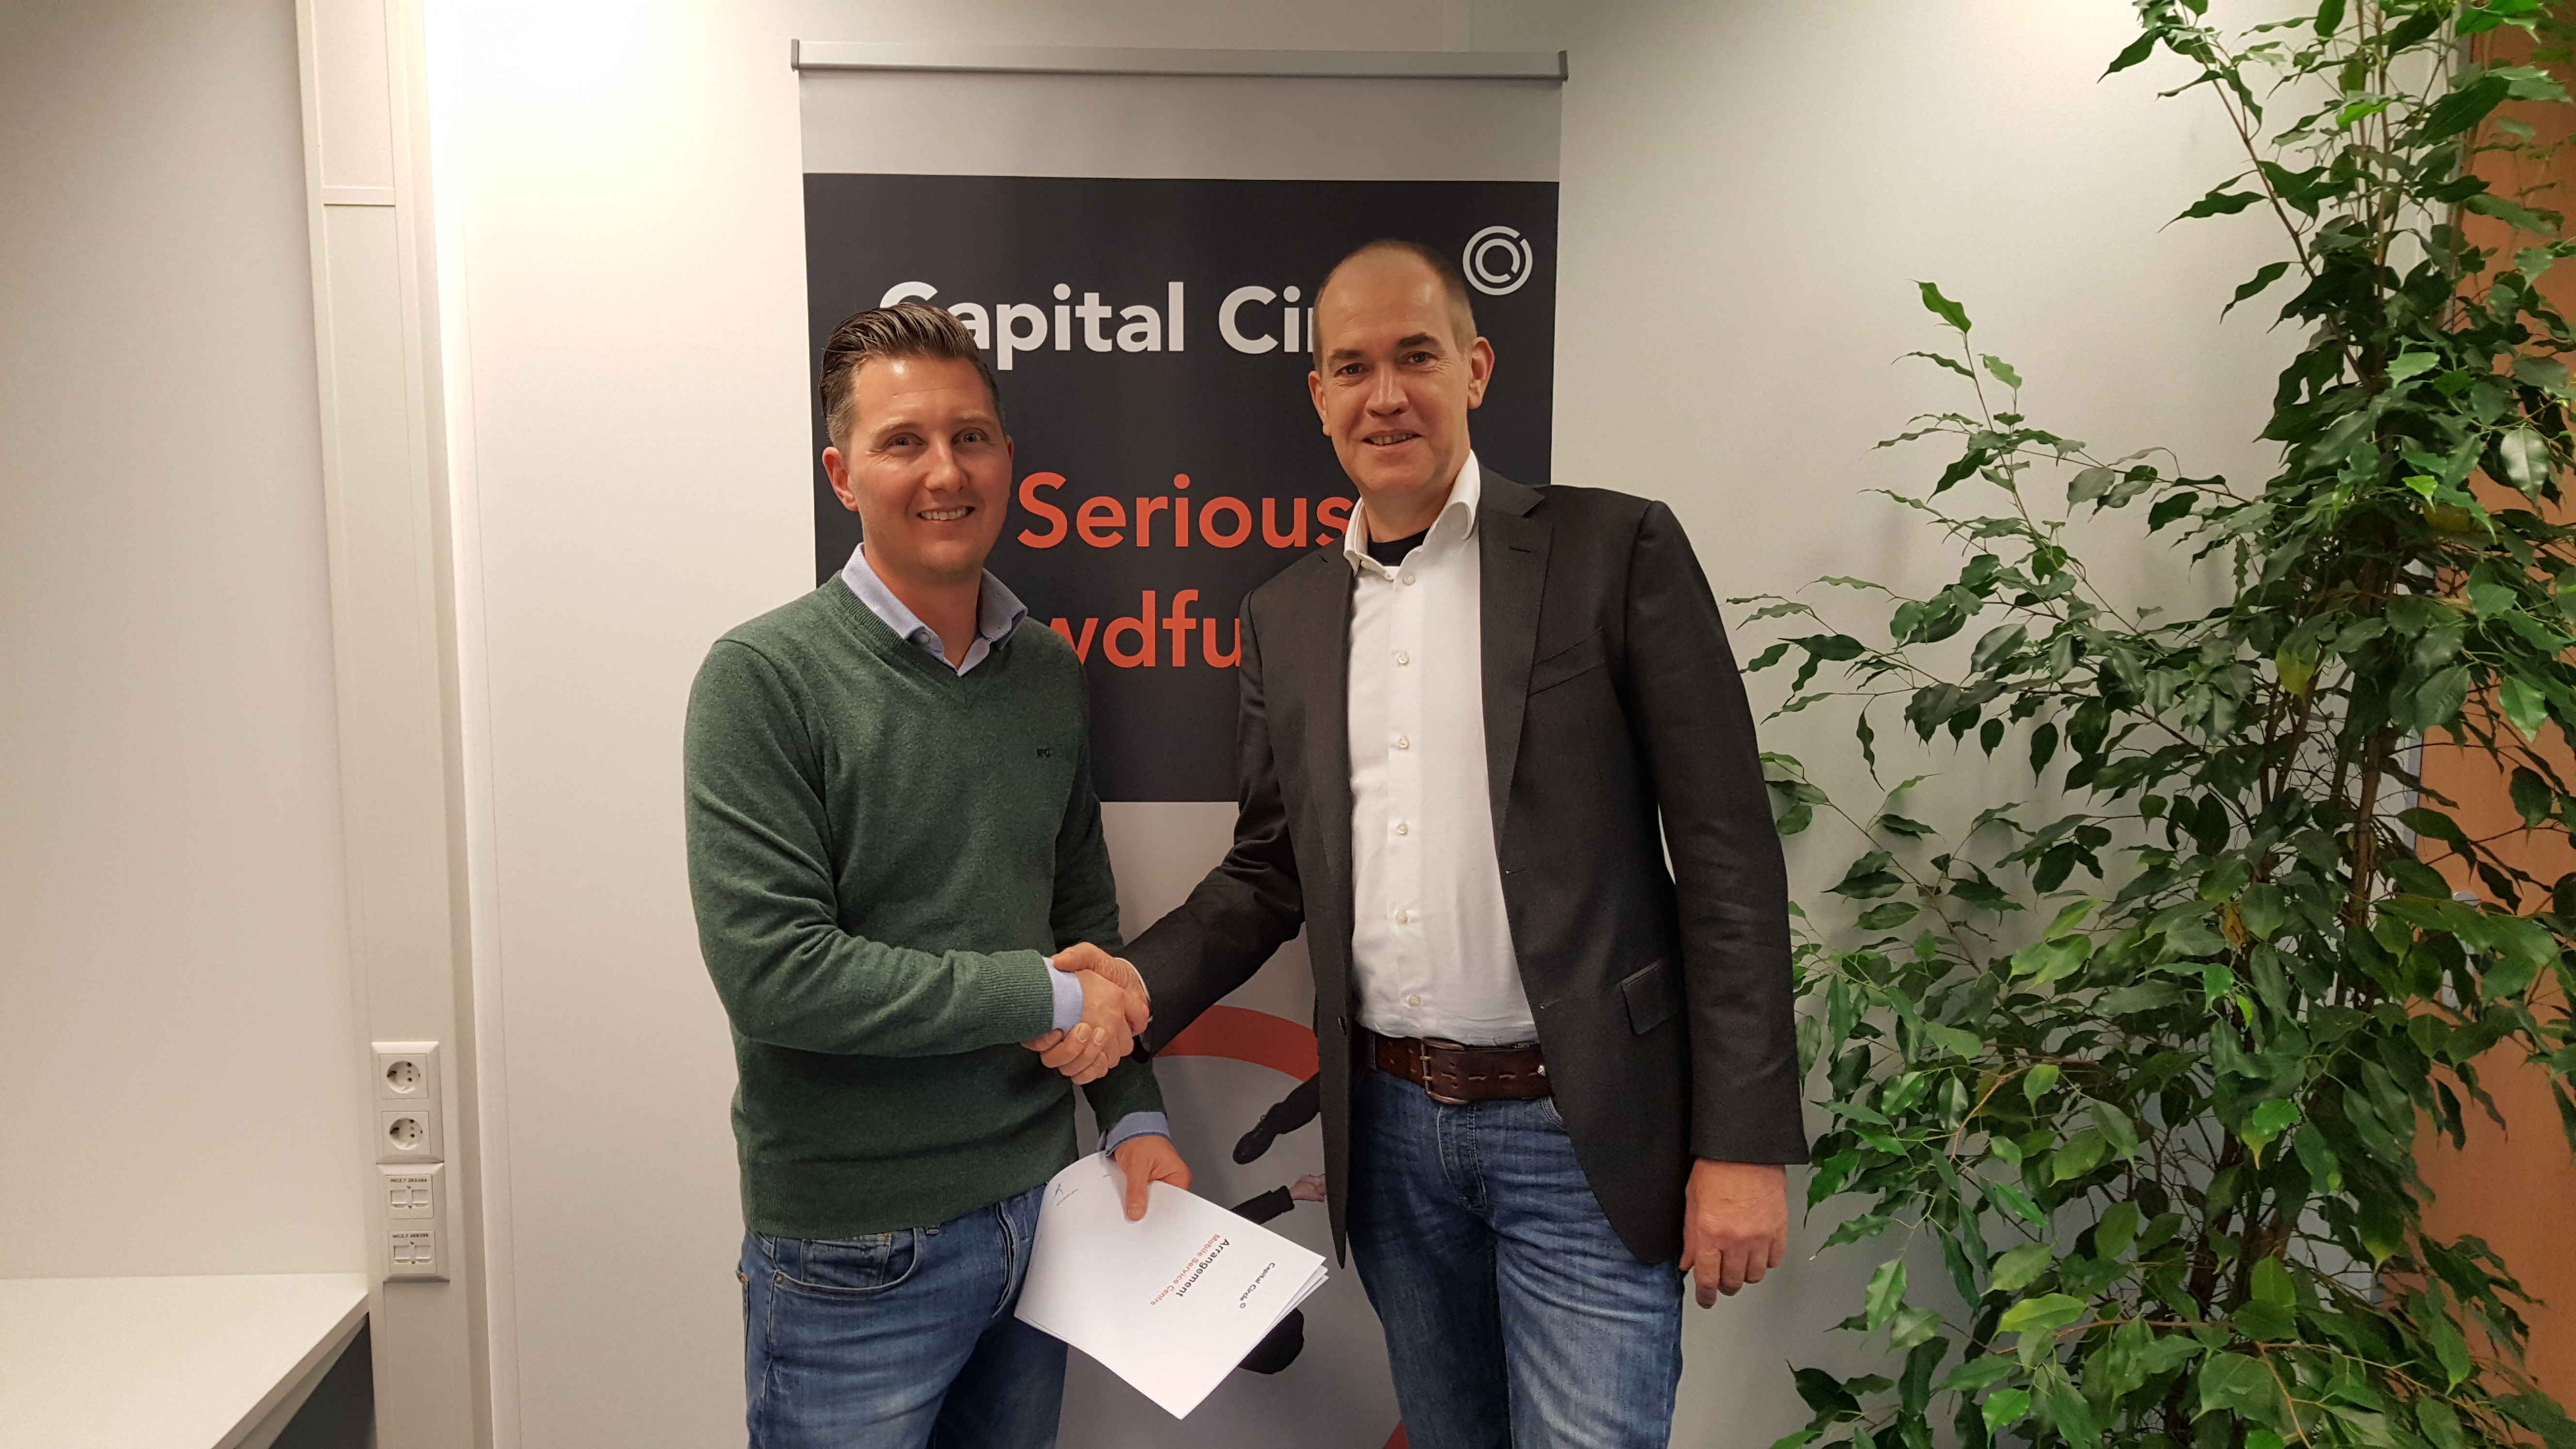 Links Cor de Graaf van Capital Circle en Rechts Gerard van den Heuvel van Mobile Service Centre. Bron: FranchiseFormules.NL